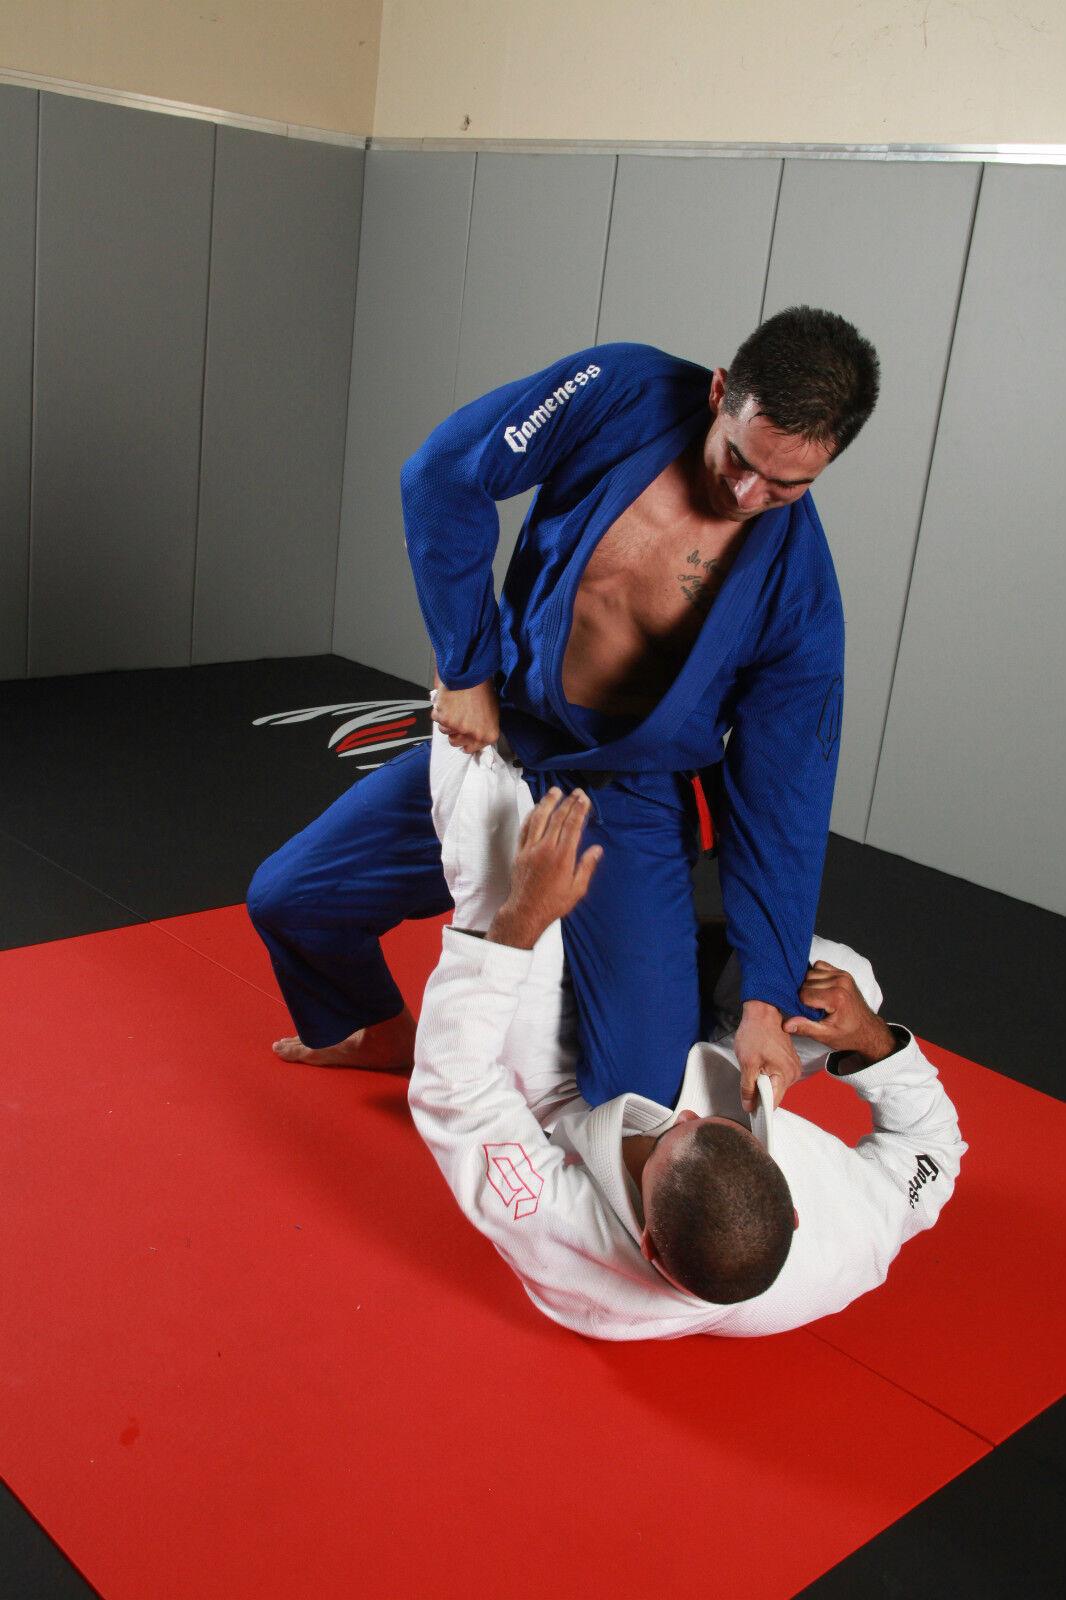 gameness AIR BJJ Gi bleu Brésilien Jiu-Jitsu Gi Kimono Uniforme Uniforme Uniforme 0b1979